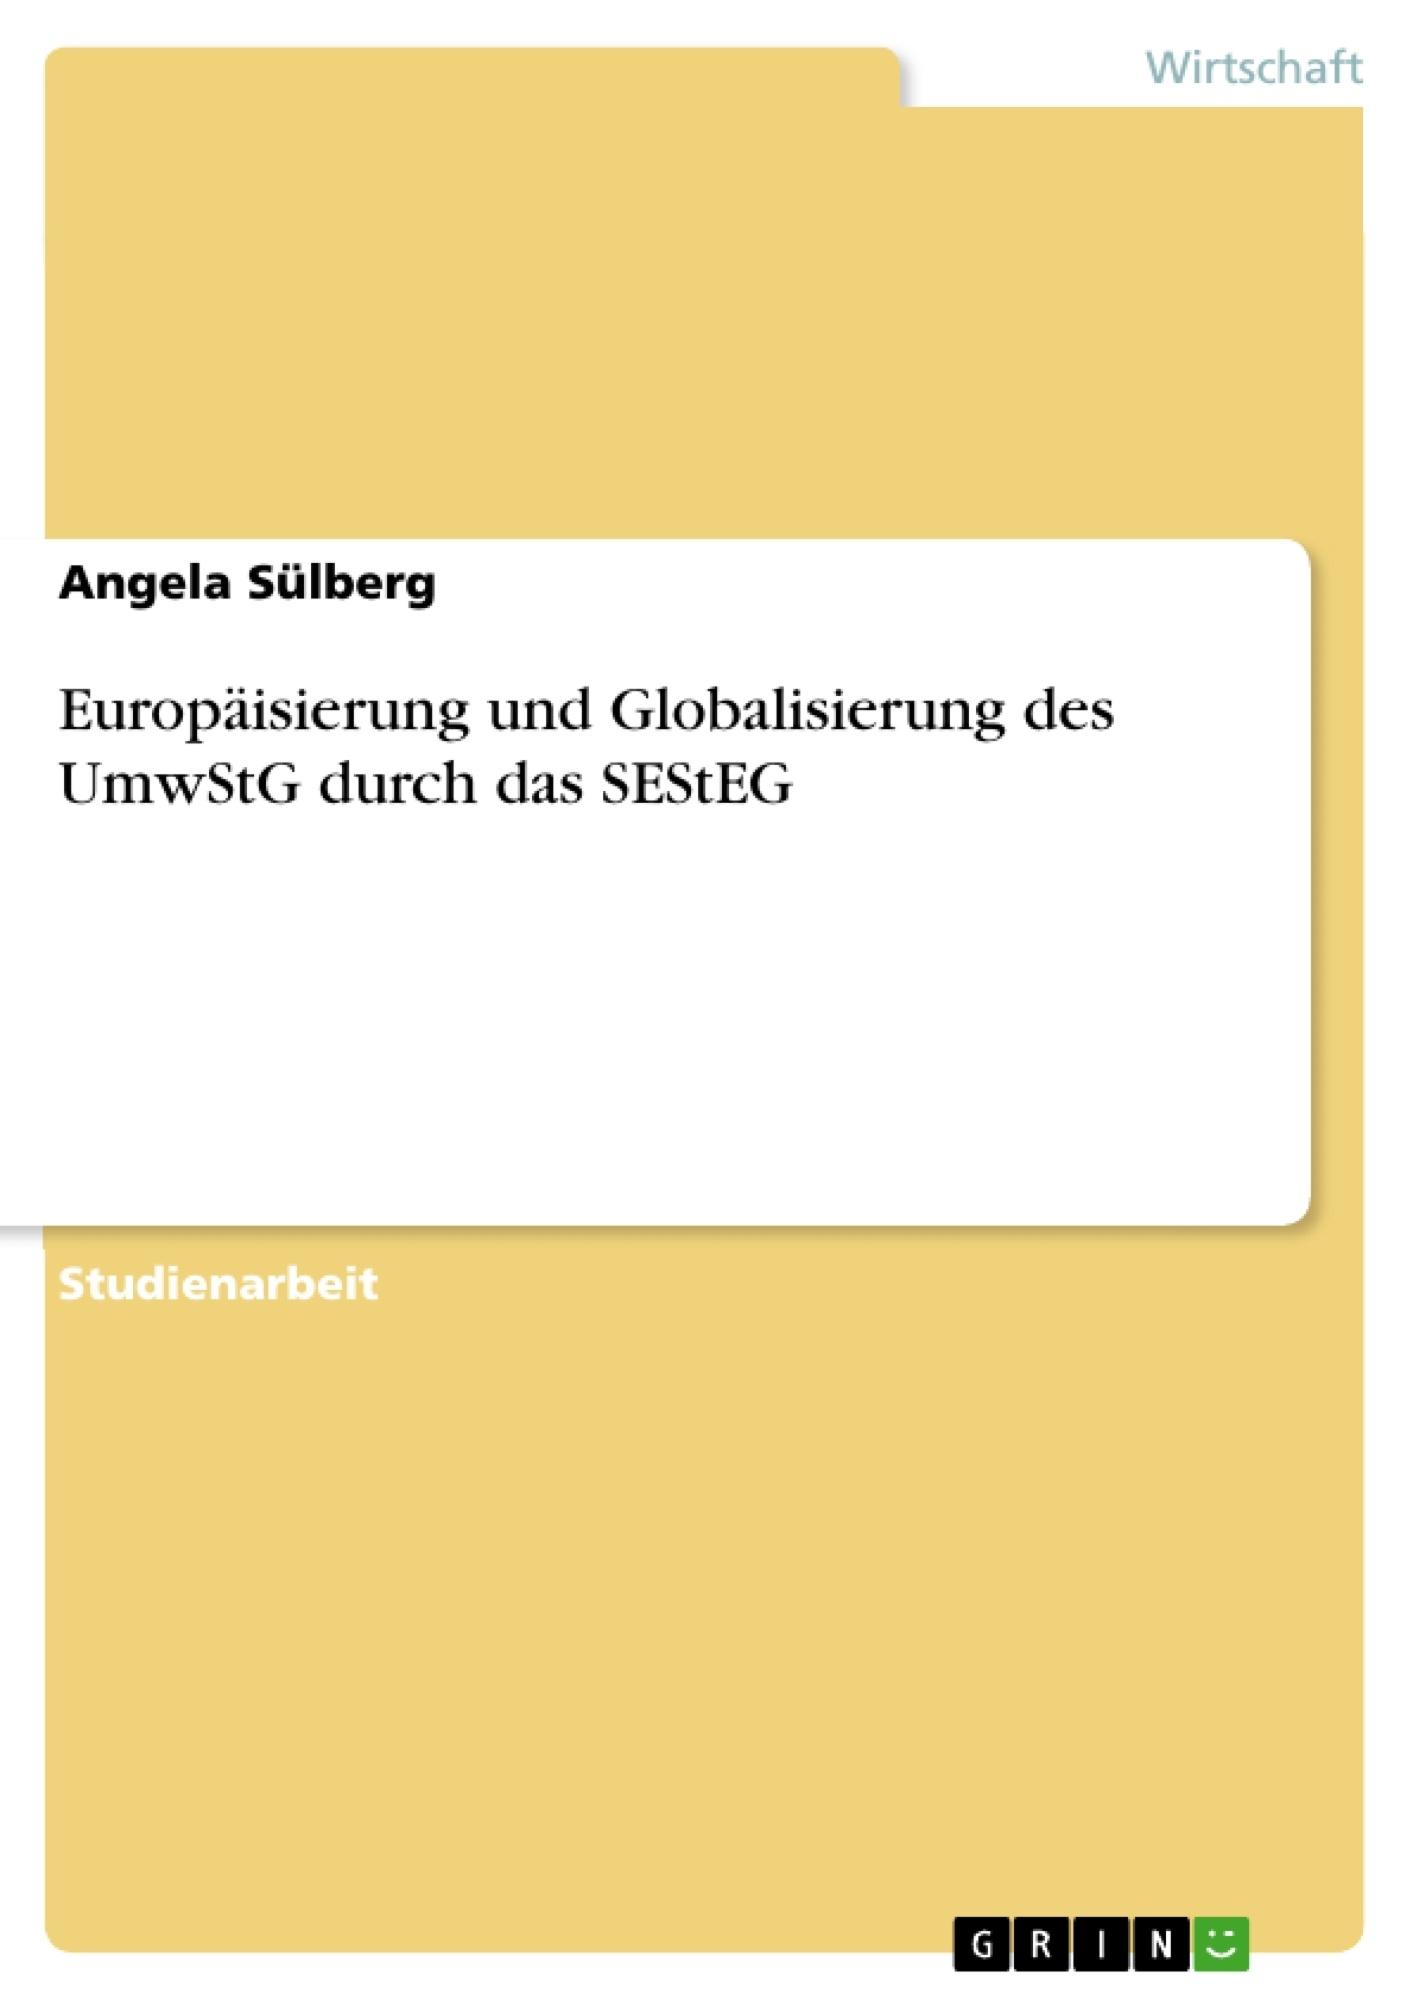 Titel: Europäisierung und Globalisierung des UmwStG durch das SEStEG